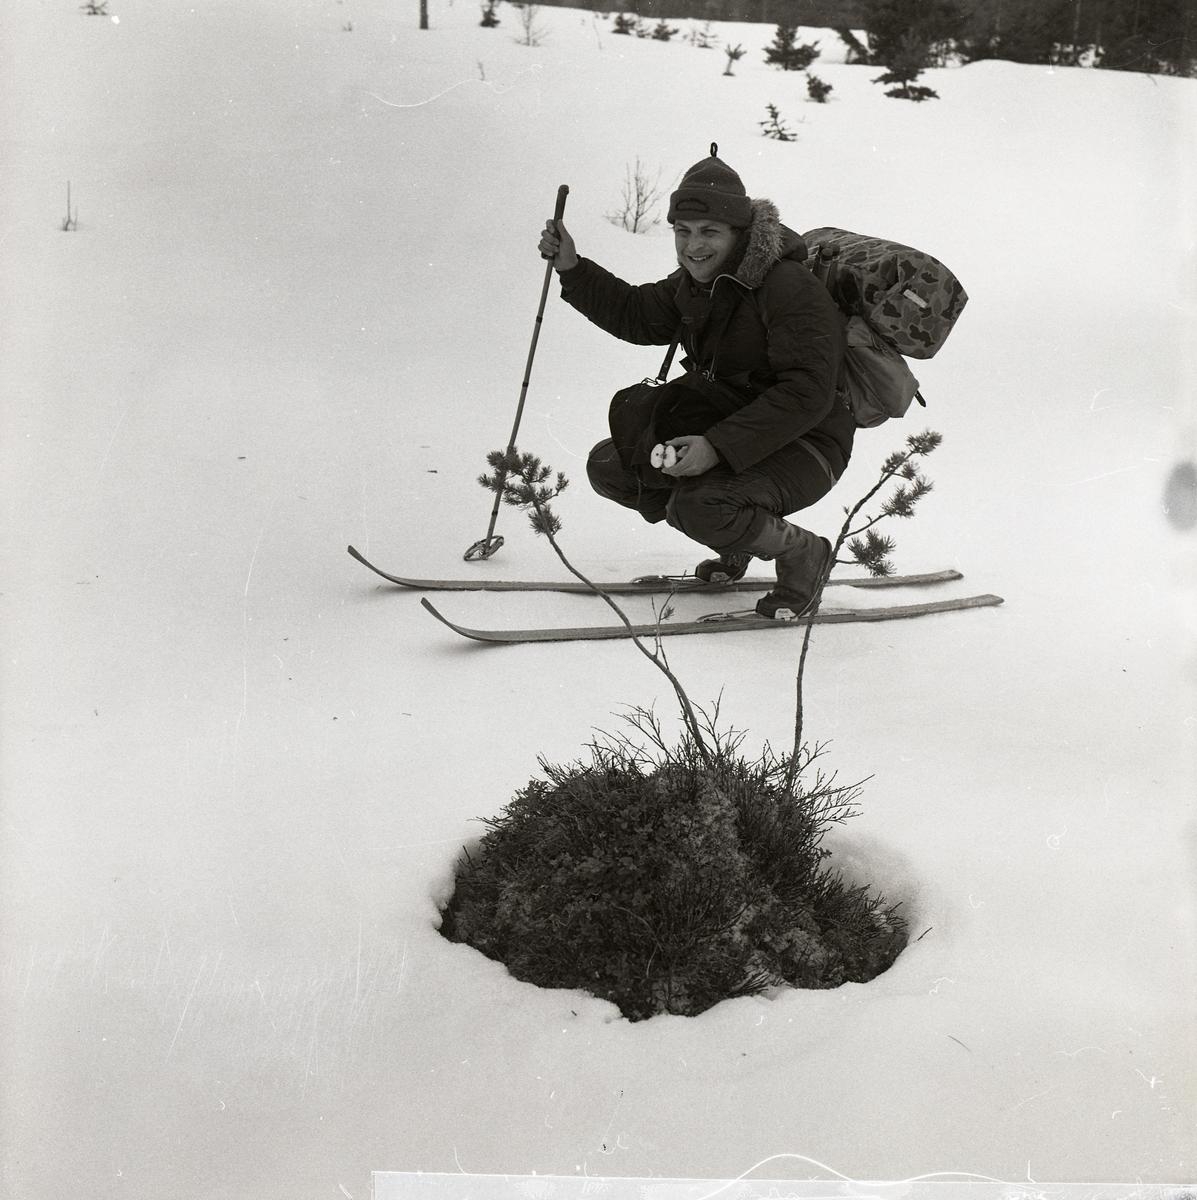 En skidåkare står på huk bredvid en tuva i snön, 1977.